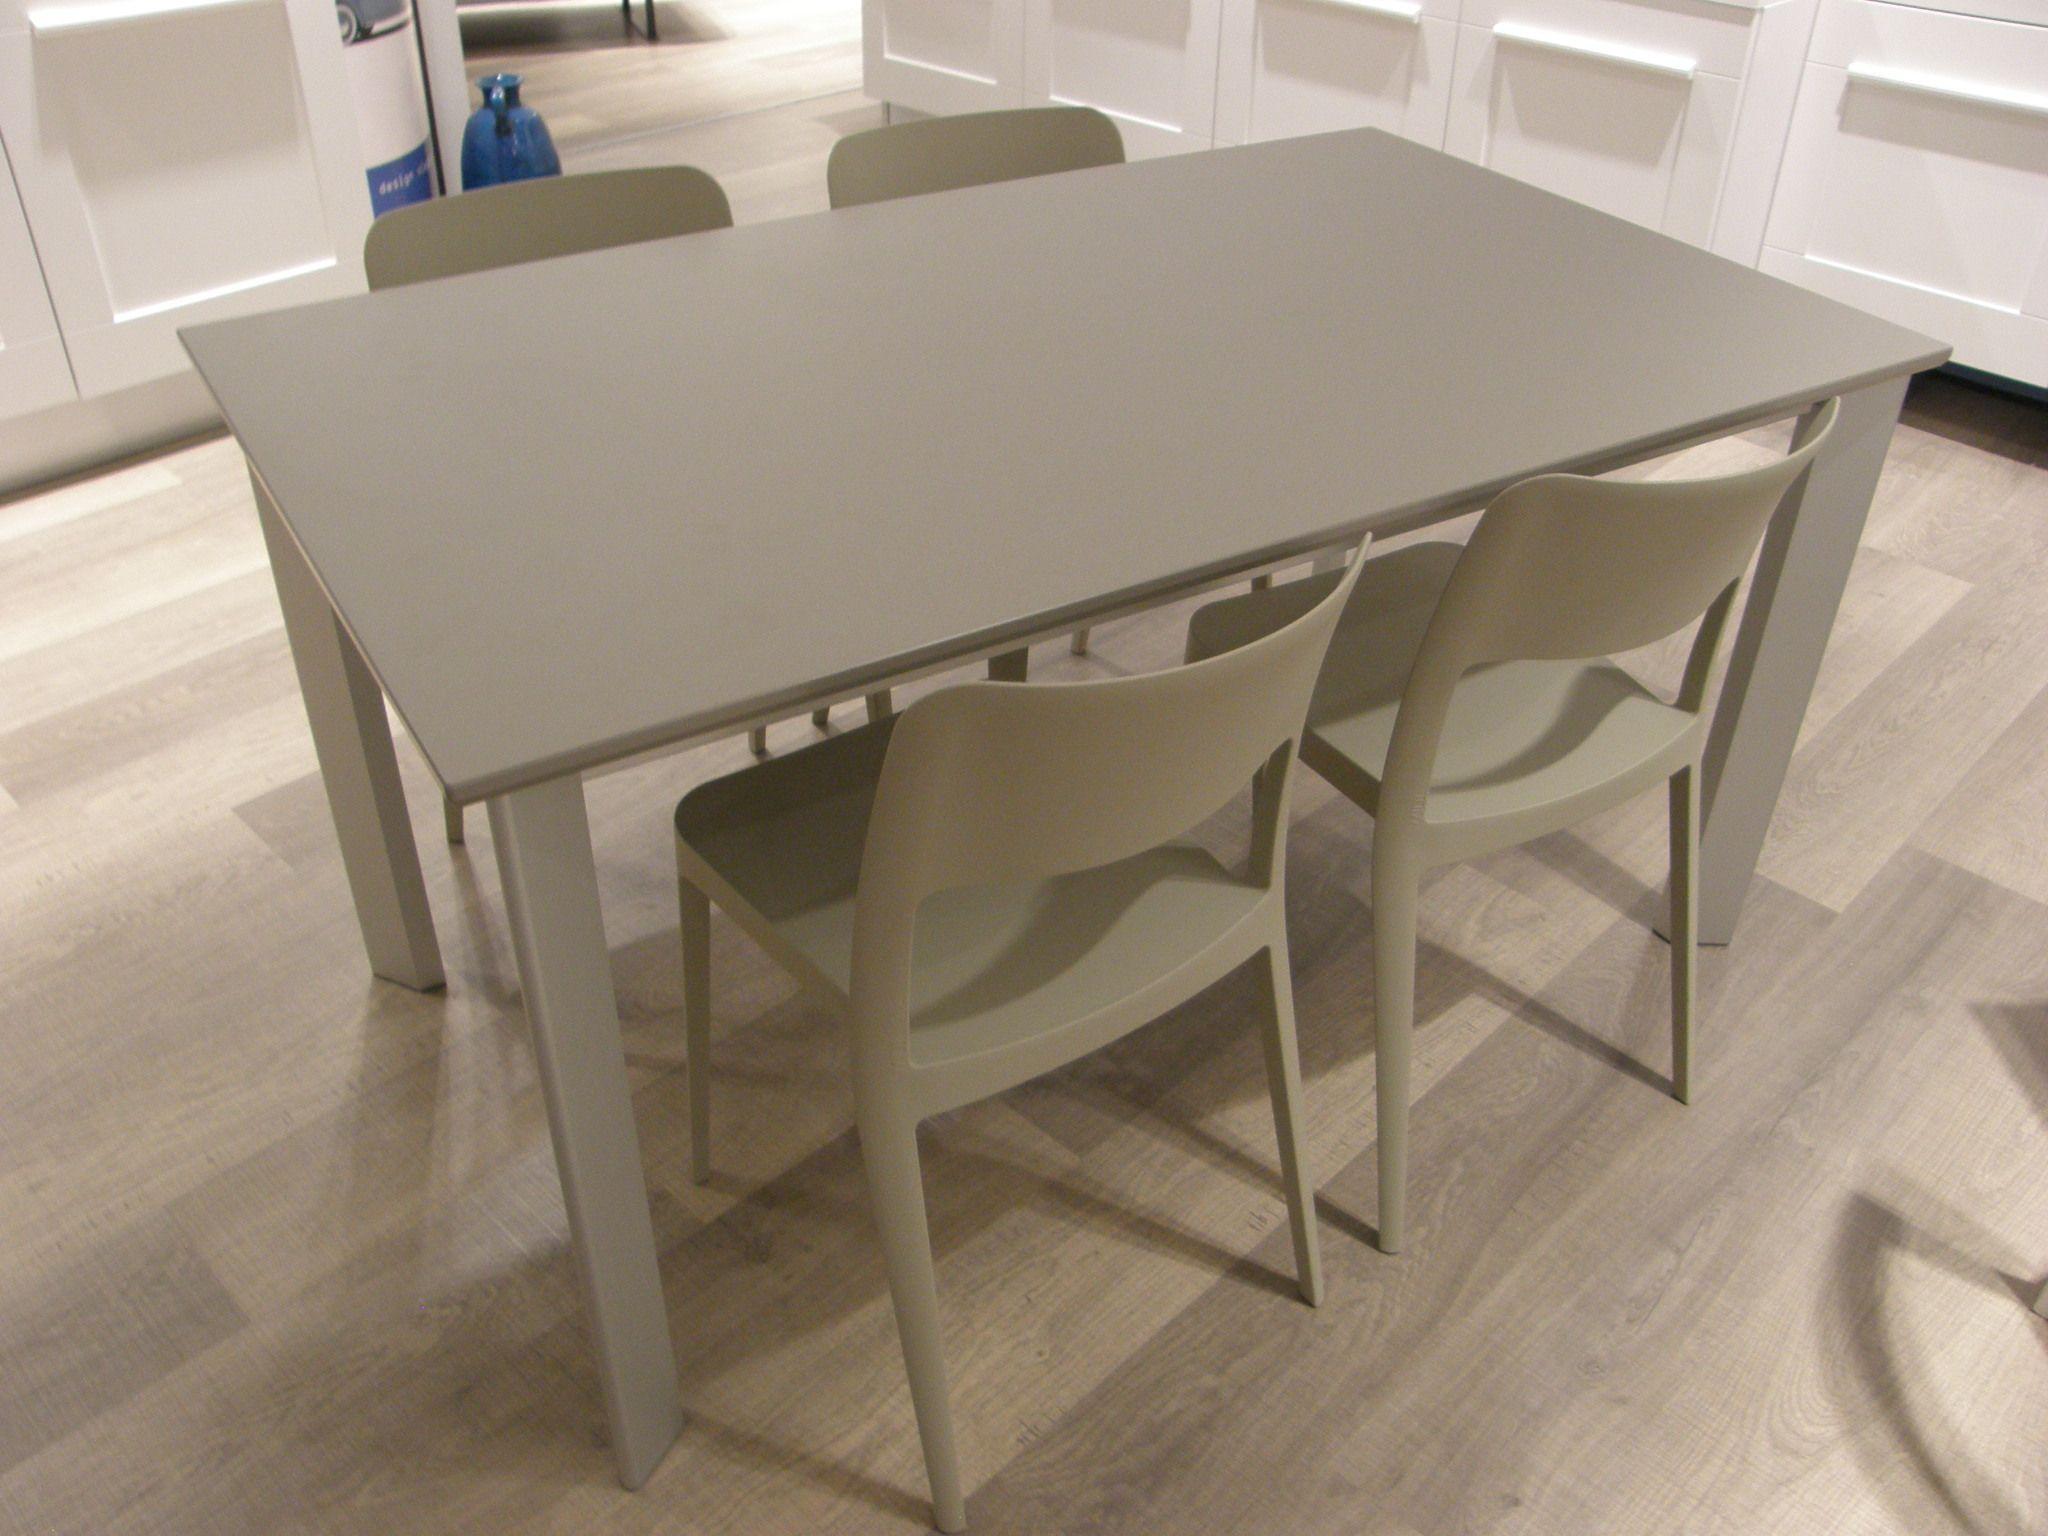 tavolo per cucina lube moderno modello lotus scontato del 50 approfitta subito dell lotusoutlets